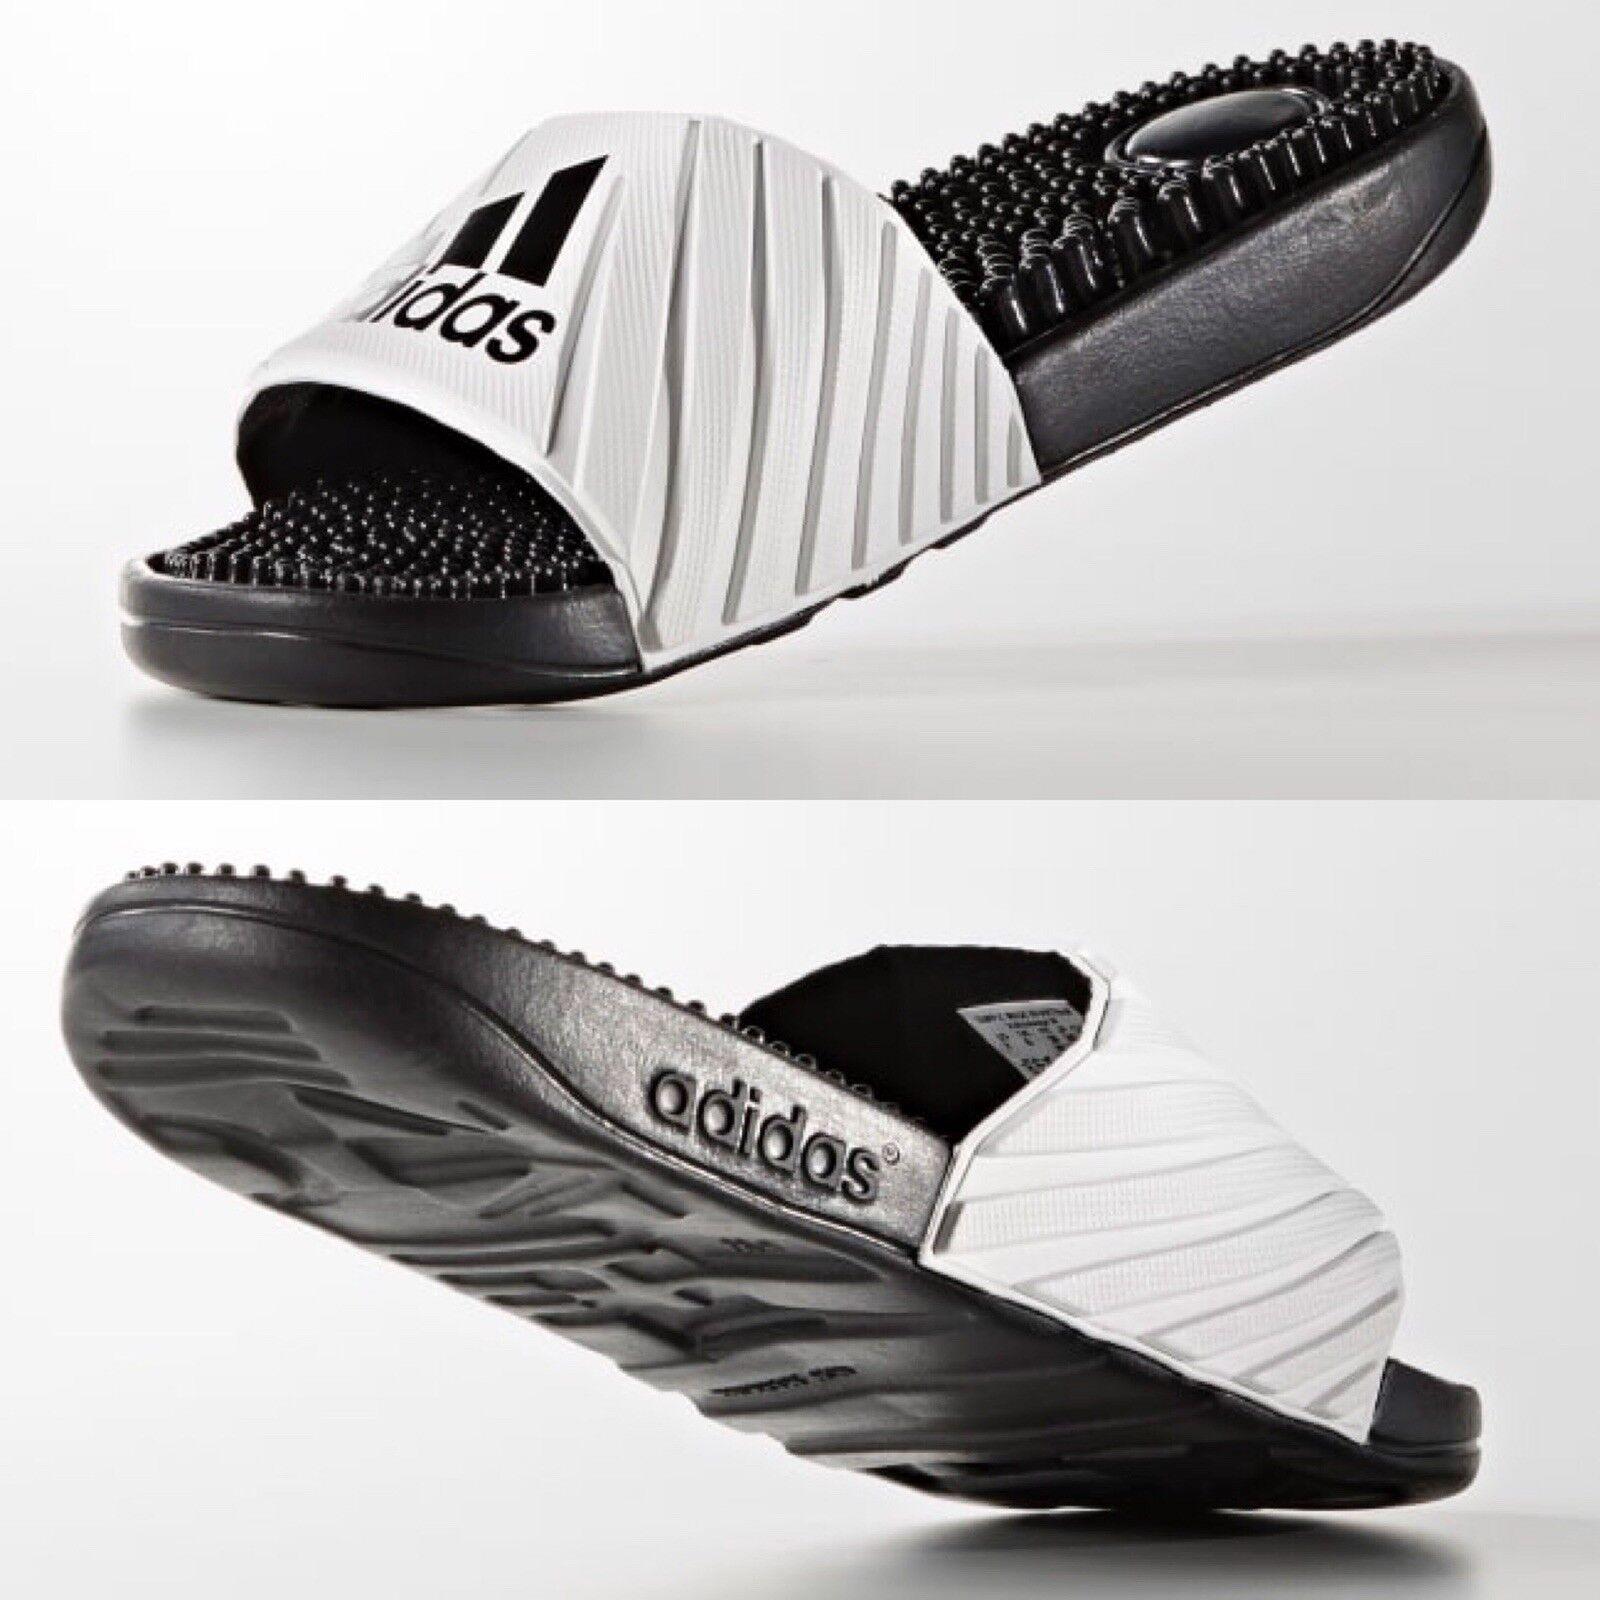 Adidas leggero voloossage conforto diapositive delle donne bnwob sandali. | Nuovi Prodotti  | Scolaro/Ragazze Scarpa